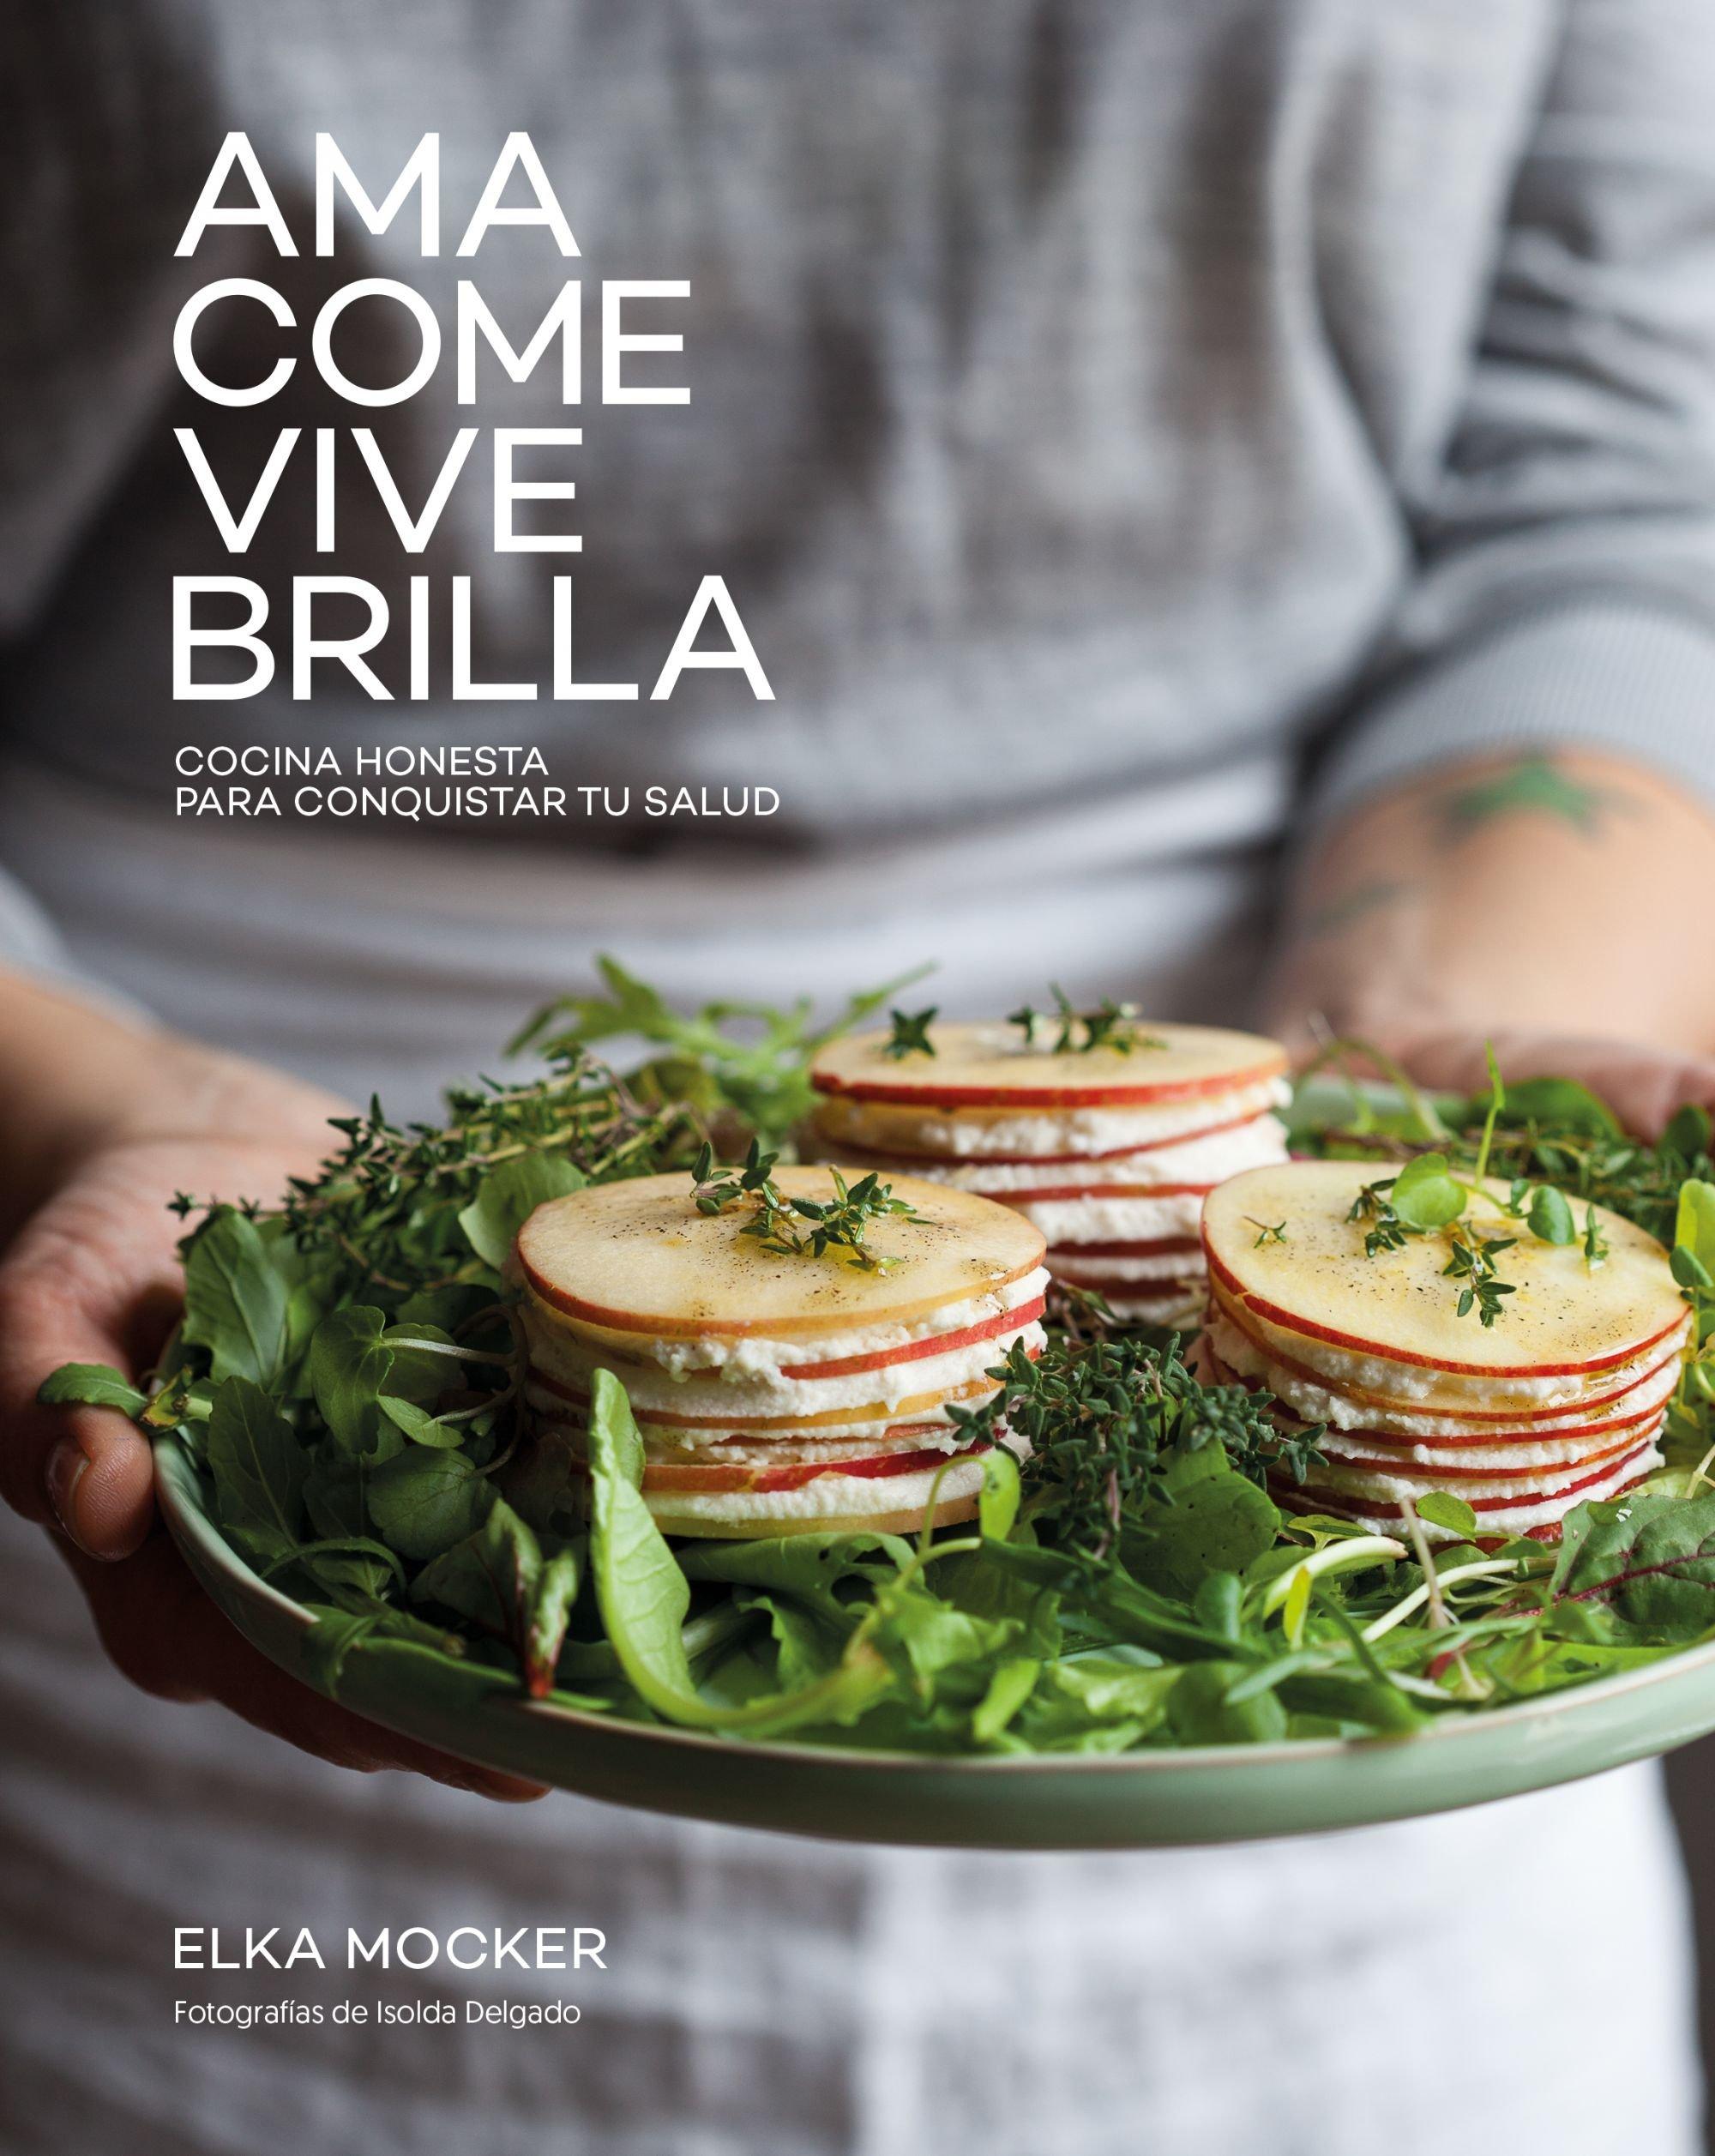 Ama, come, vive, brilla: Cocina honesta para conquistar tu salud ...